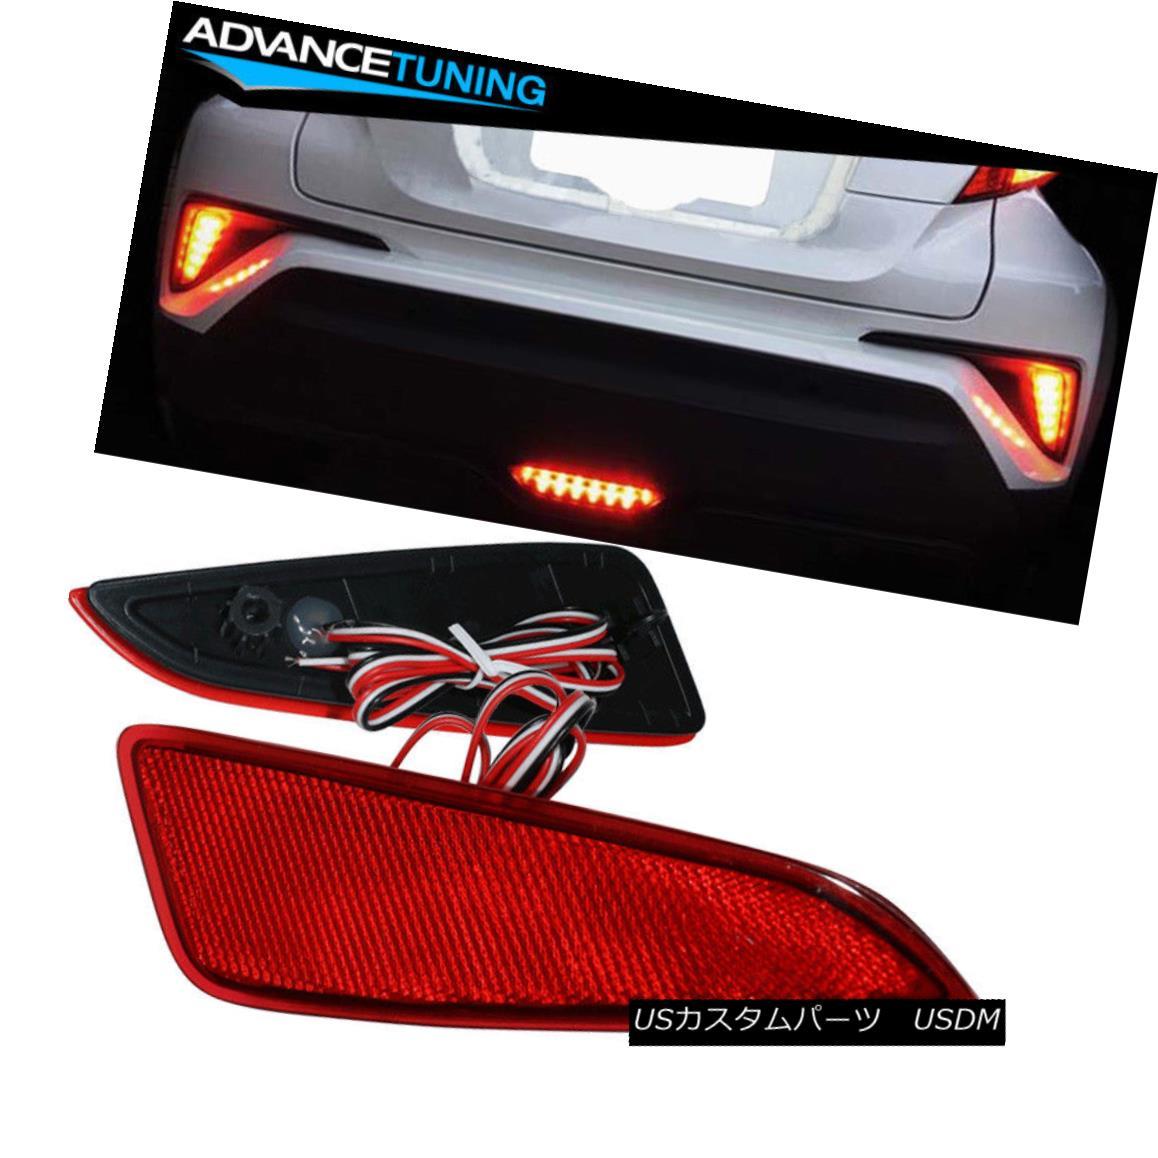 エアロパーツ Fits 17-18 Toyota CHR C-HR LED OE Style Rear Bumper Side Reflectors Lights フィット17-18トヨタCHR C-HR LED OEスタイルリアバンパーサイドリフレクターライト